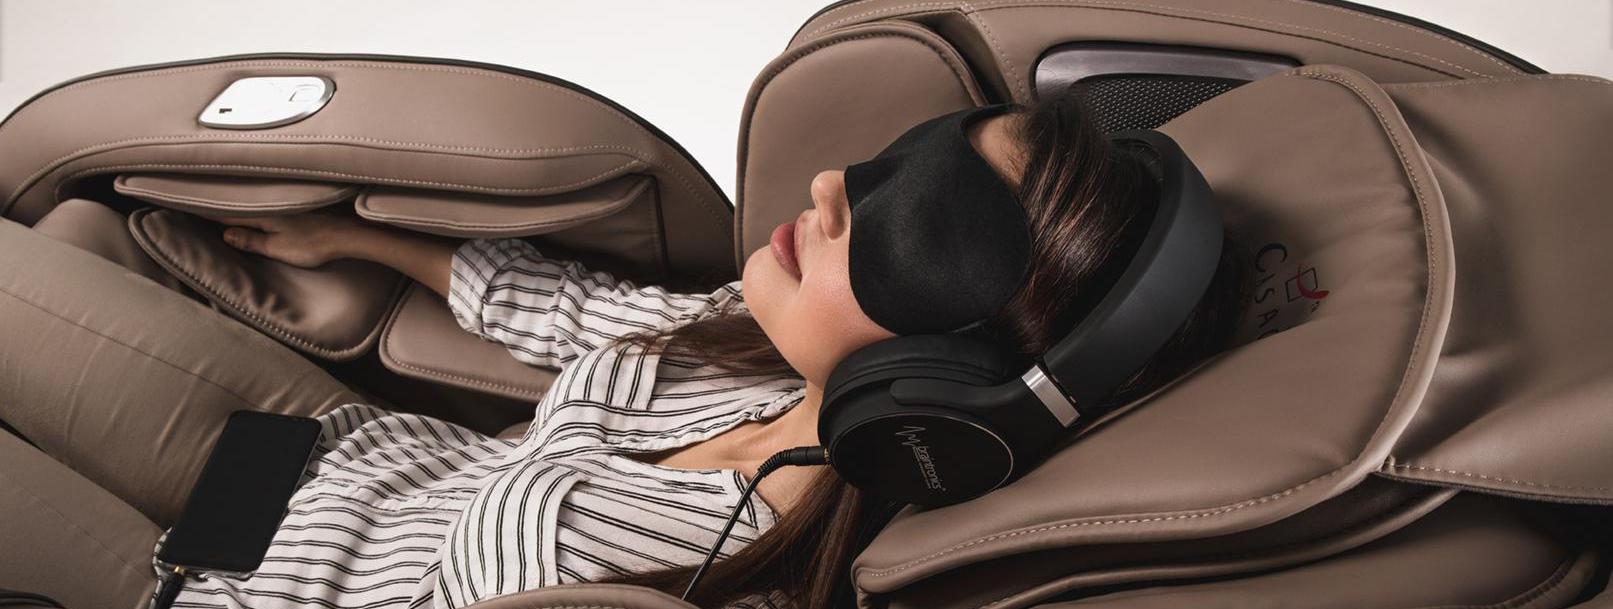 Braintronics | Kjøp eller lei en massasjestol med lydbølgeterapi